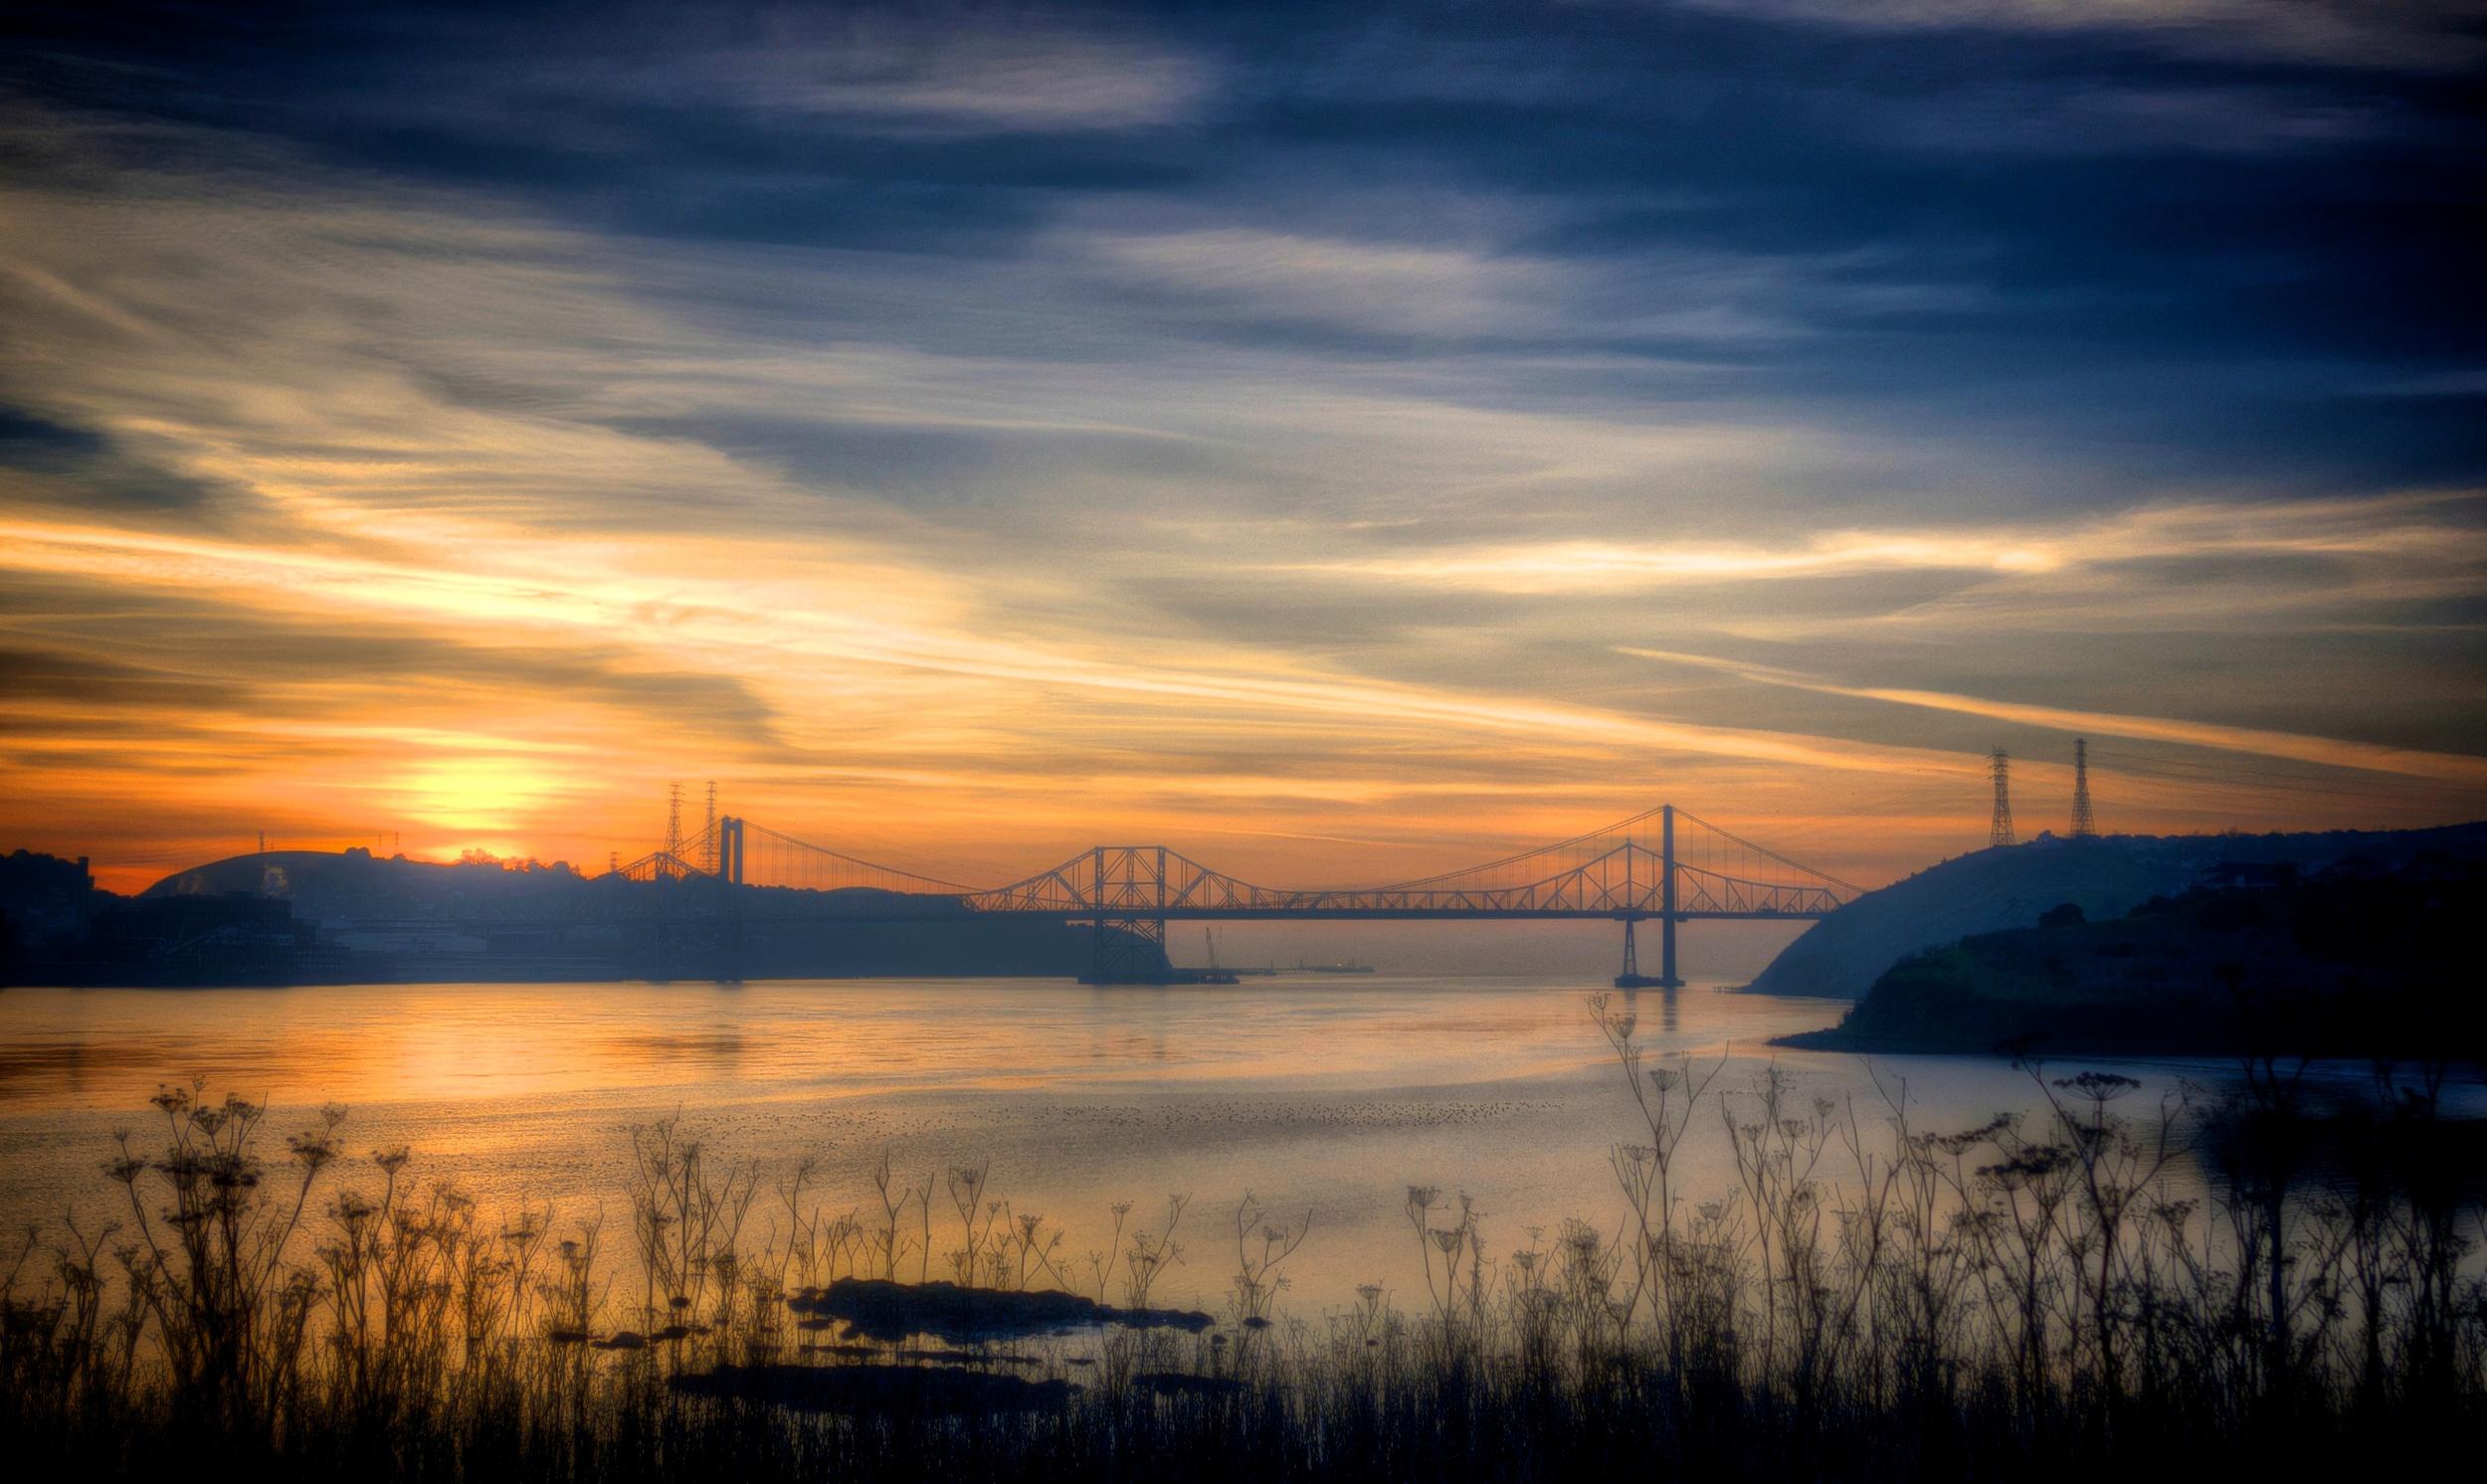 Carquinez Bridge Sunset